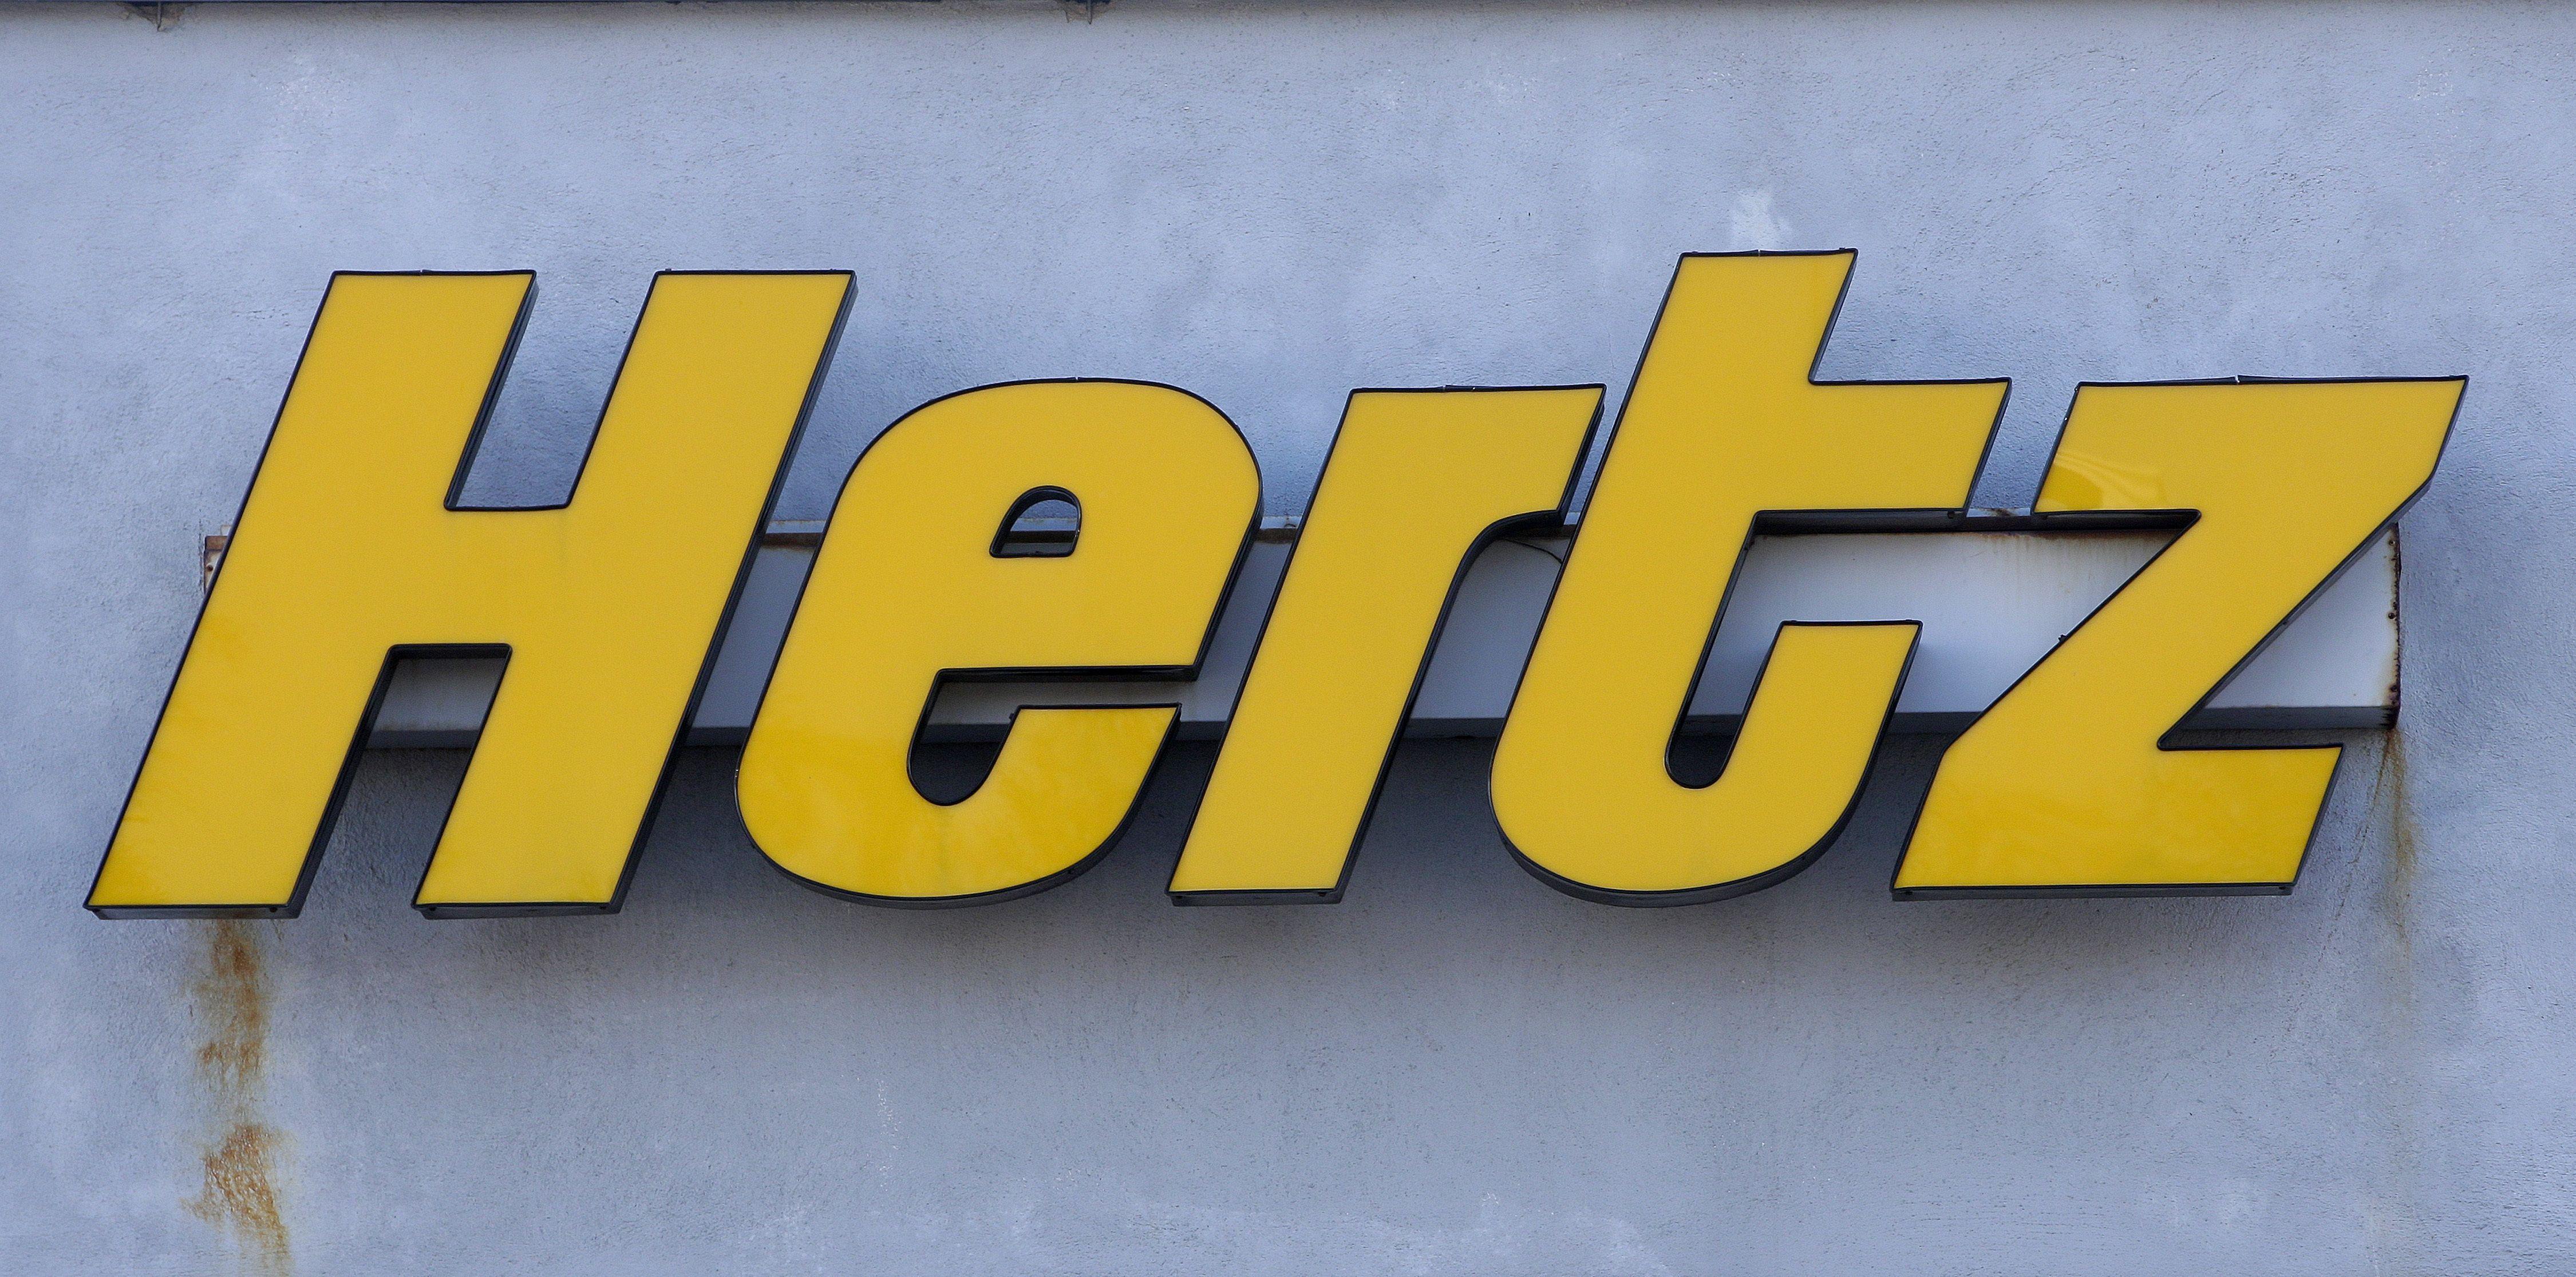 hertz ordena 100.000 vehiculos electricos de tesla